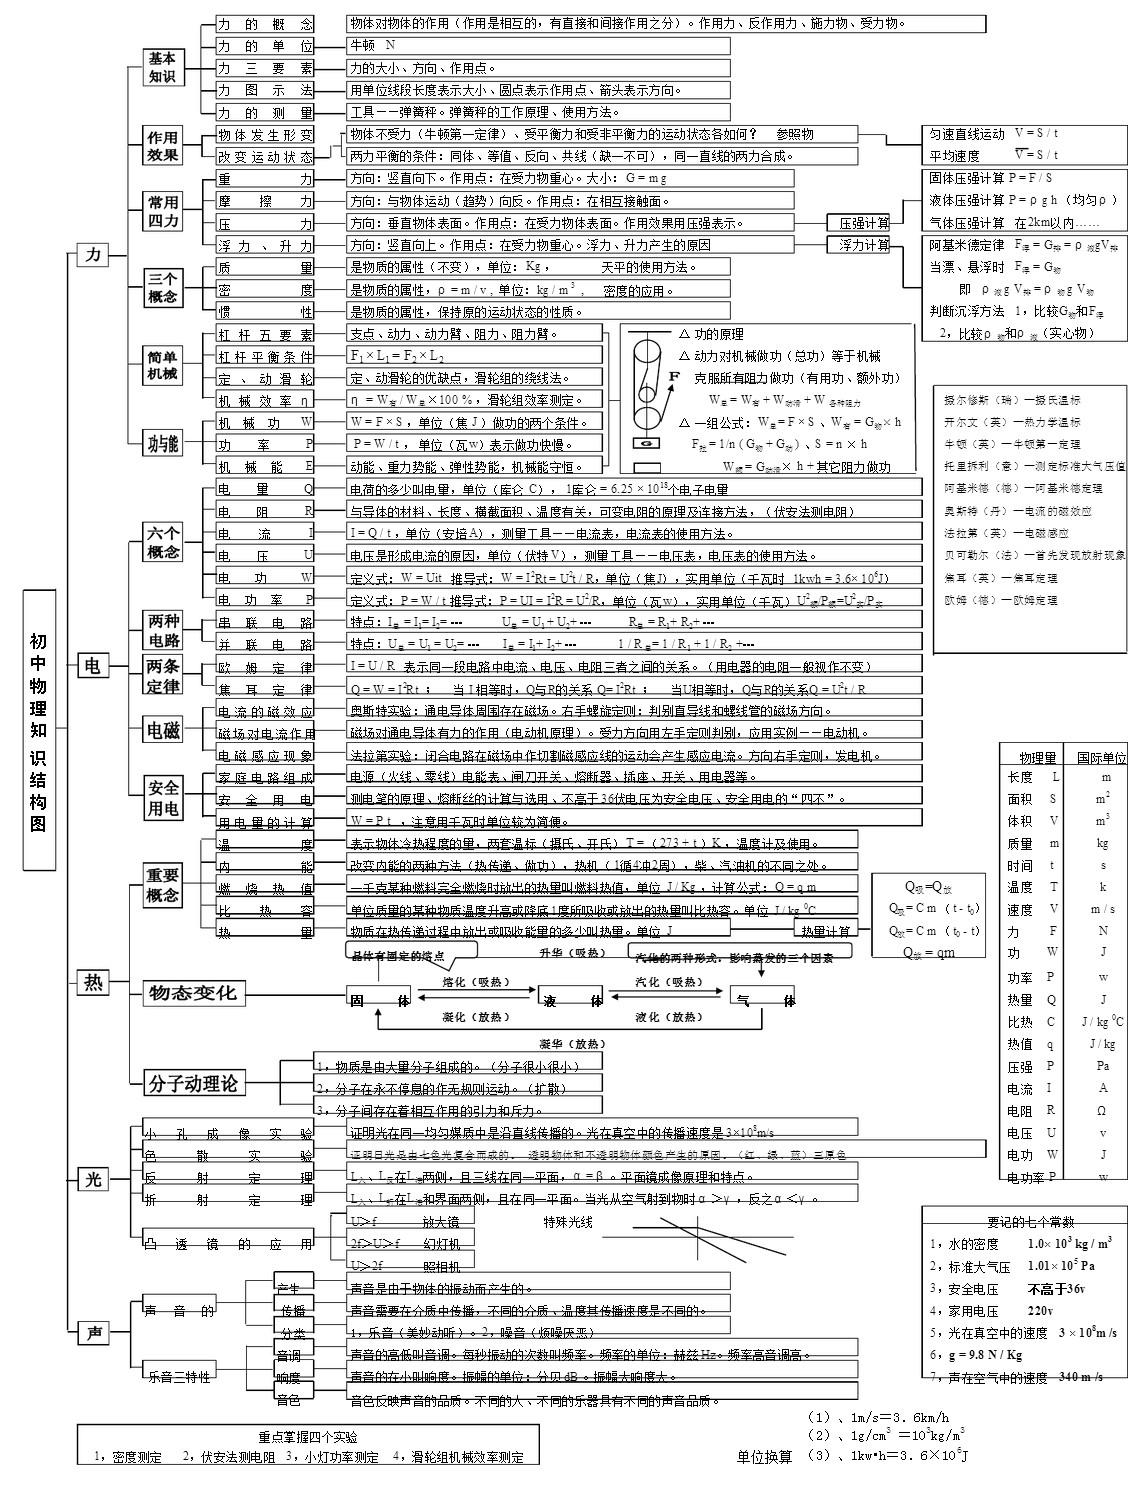 最新初中物理知识体系(图)